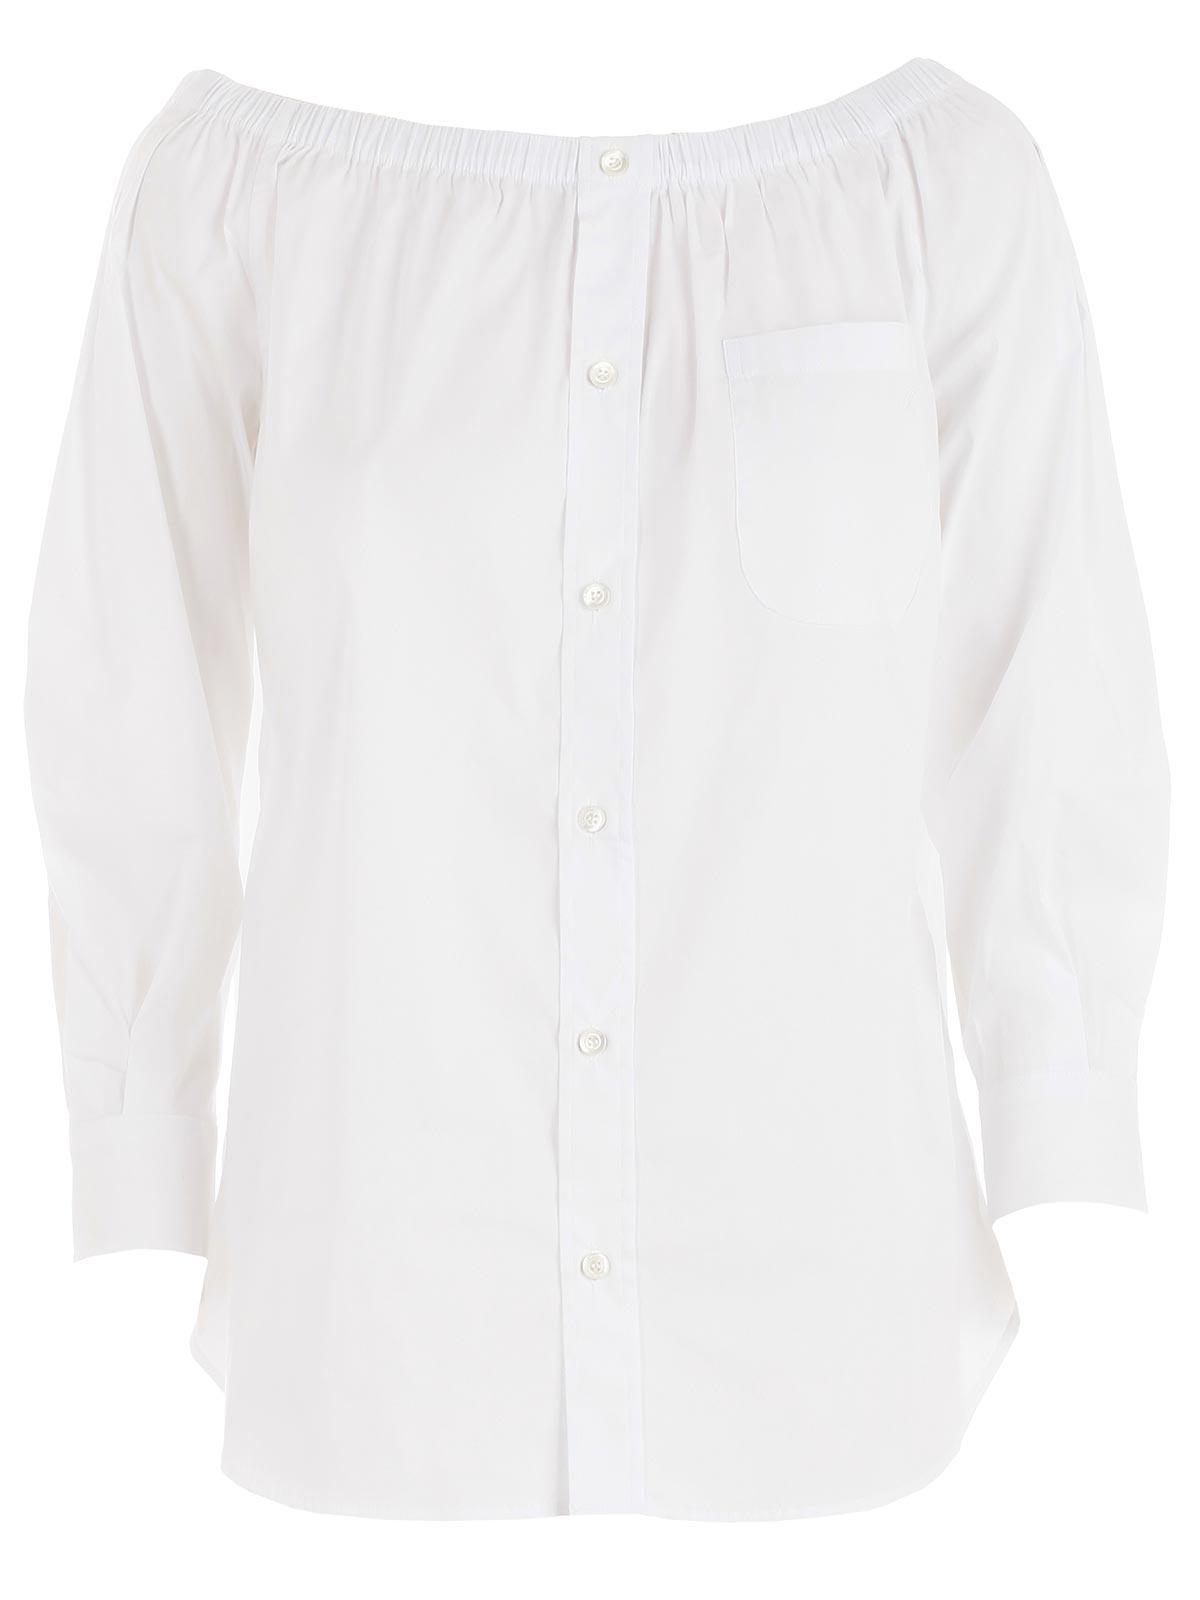 Picture of Emporio Armani Shirts